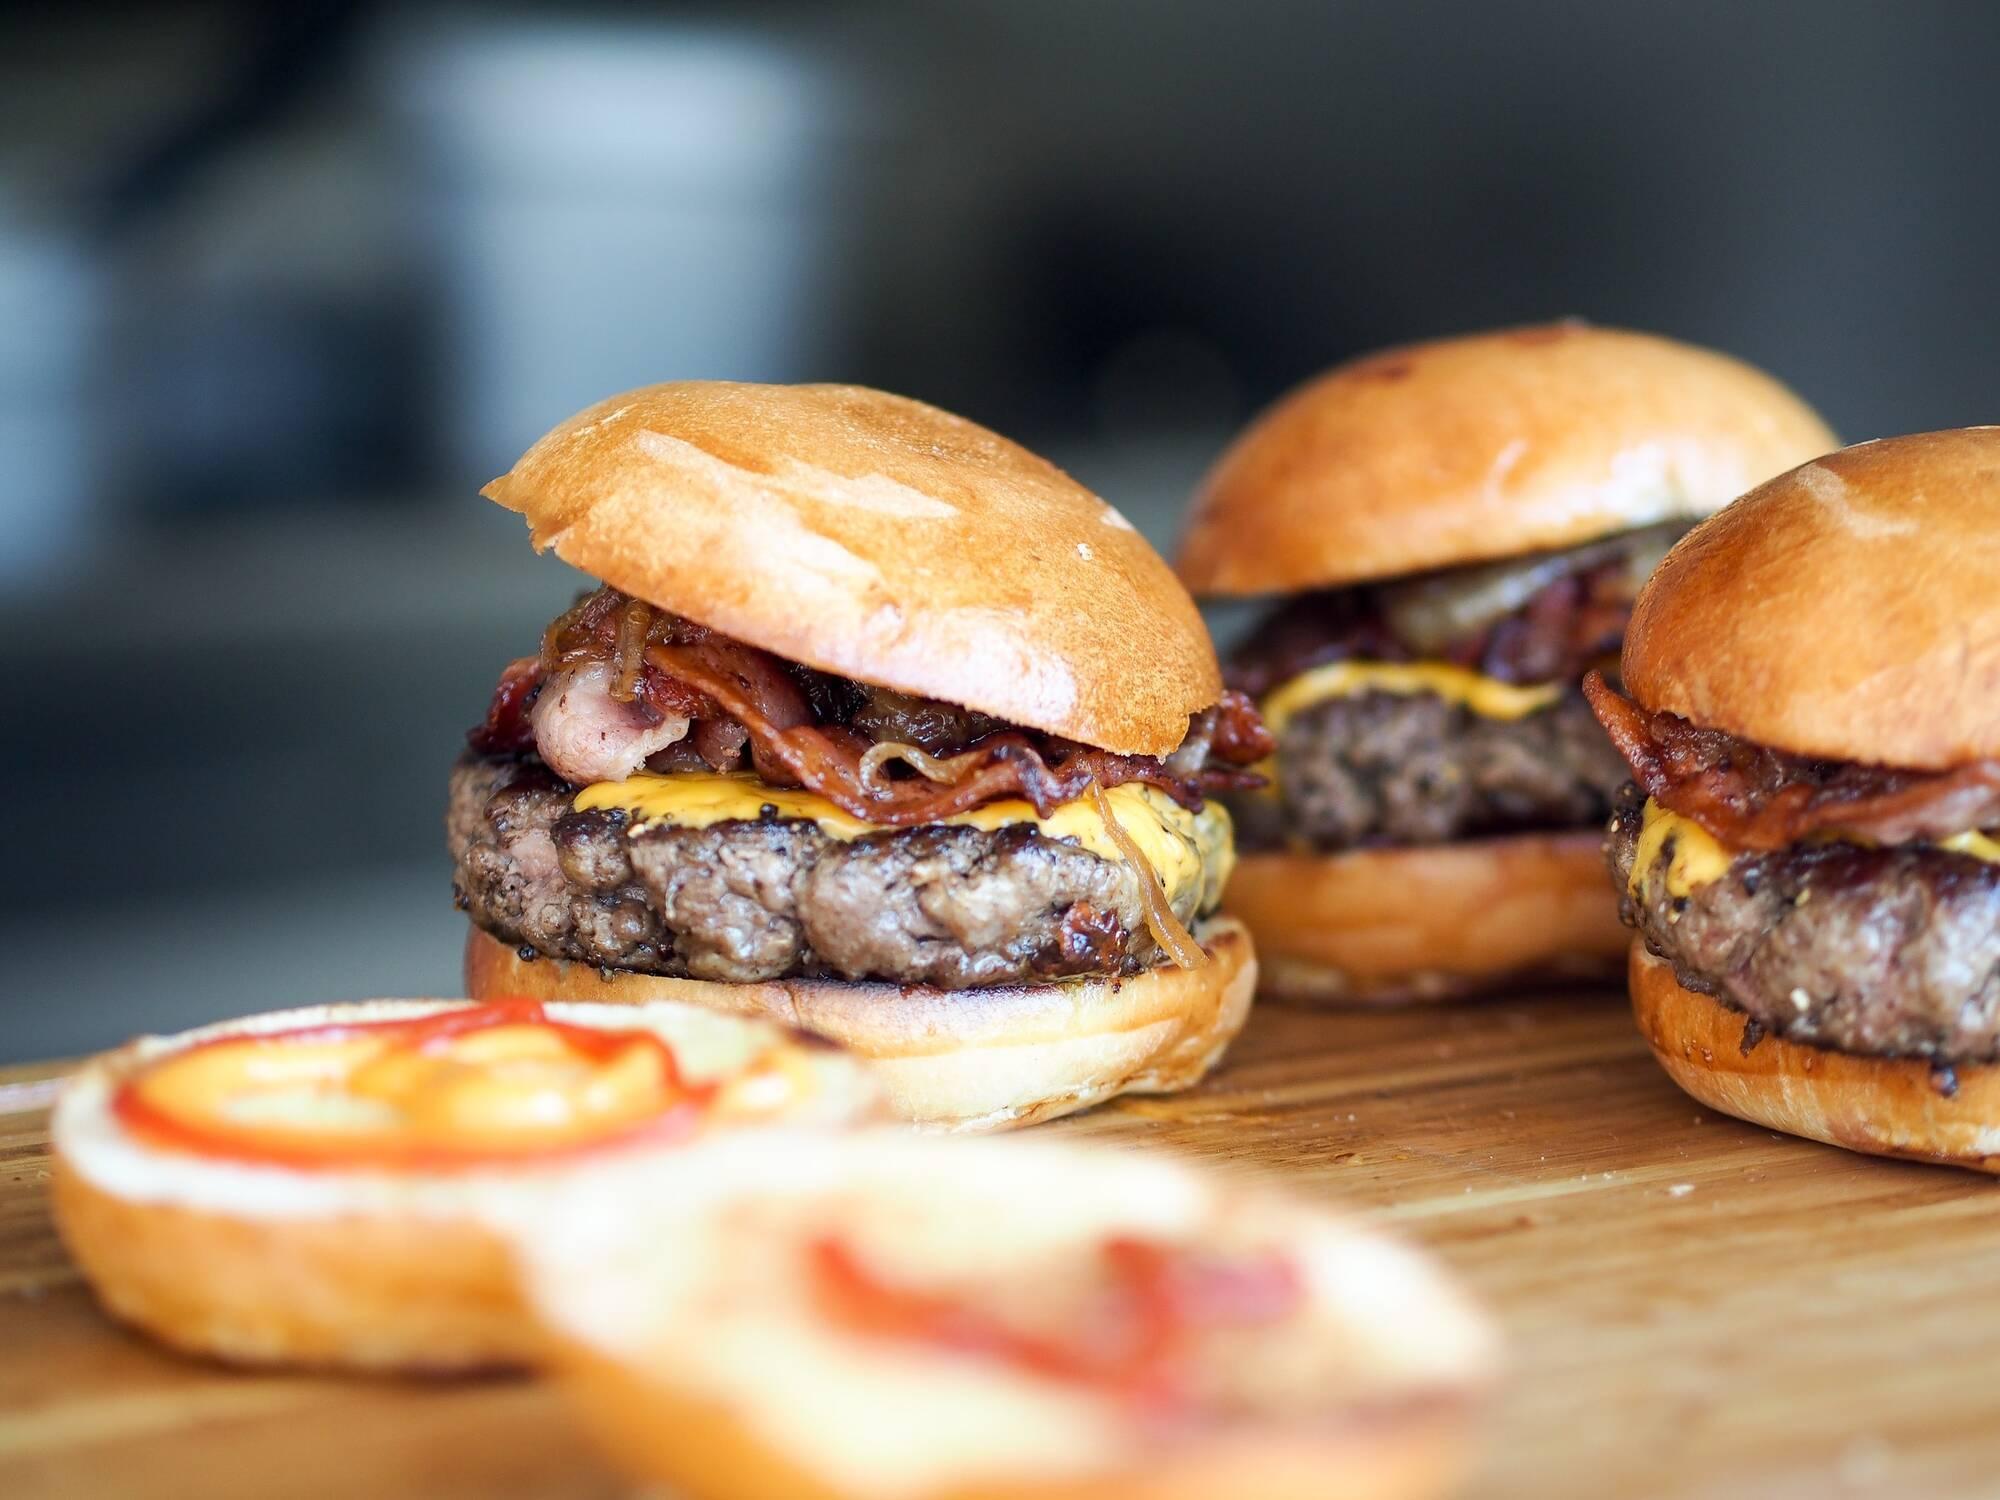 Назва гамбургера походить від міста Гамбург